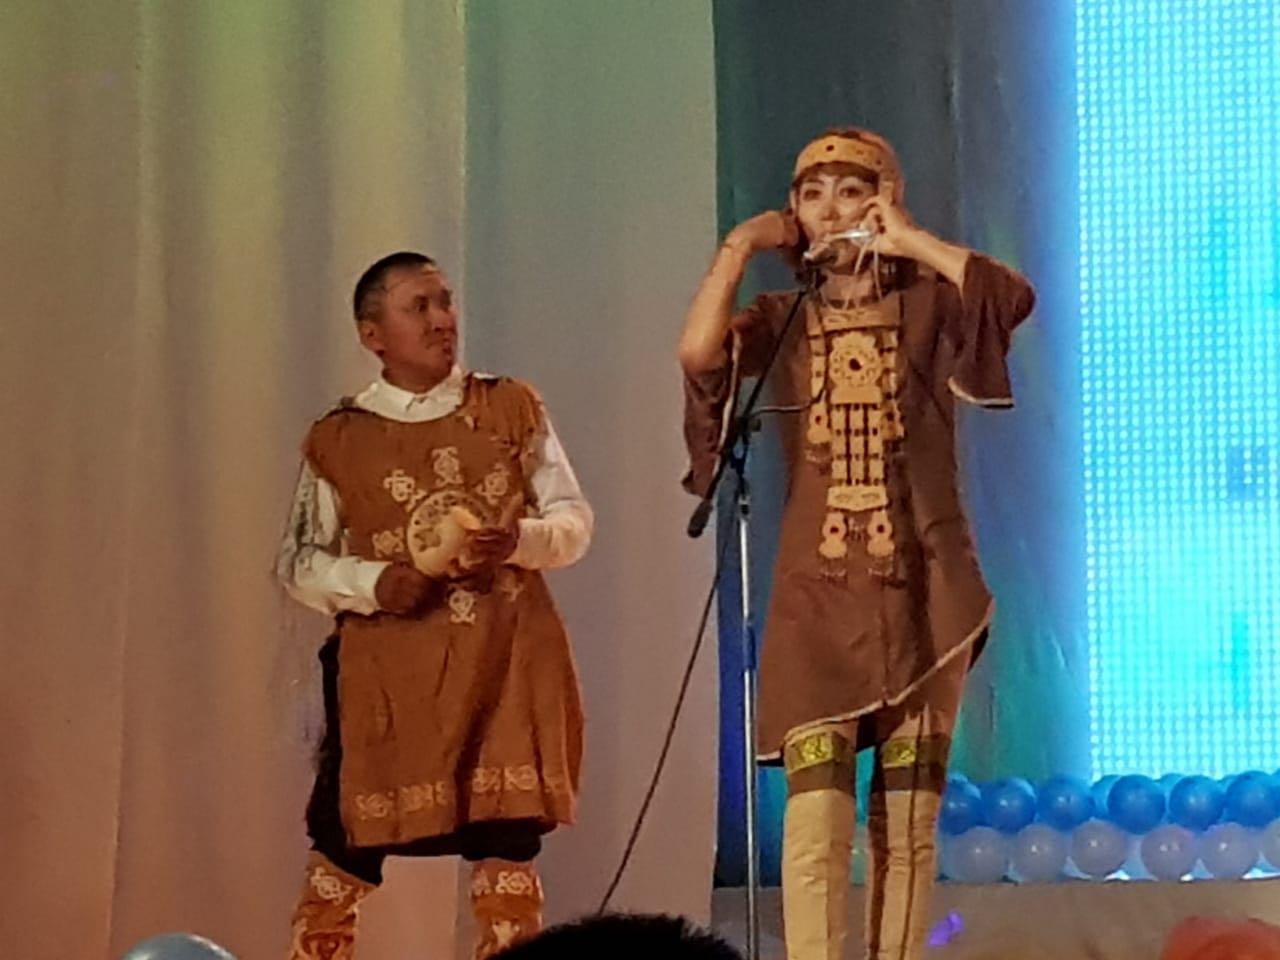 В Нюрбе состоялось торжественное мероприятие посвященное 100-летию социальной службы России